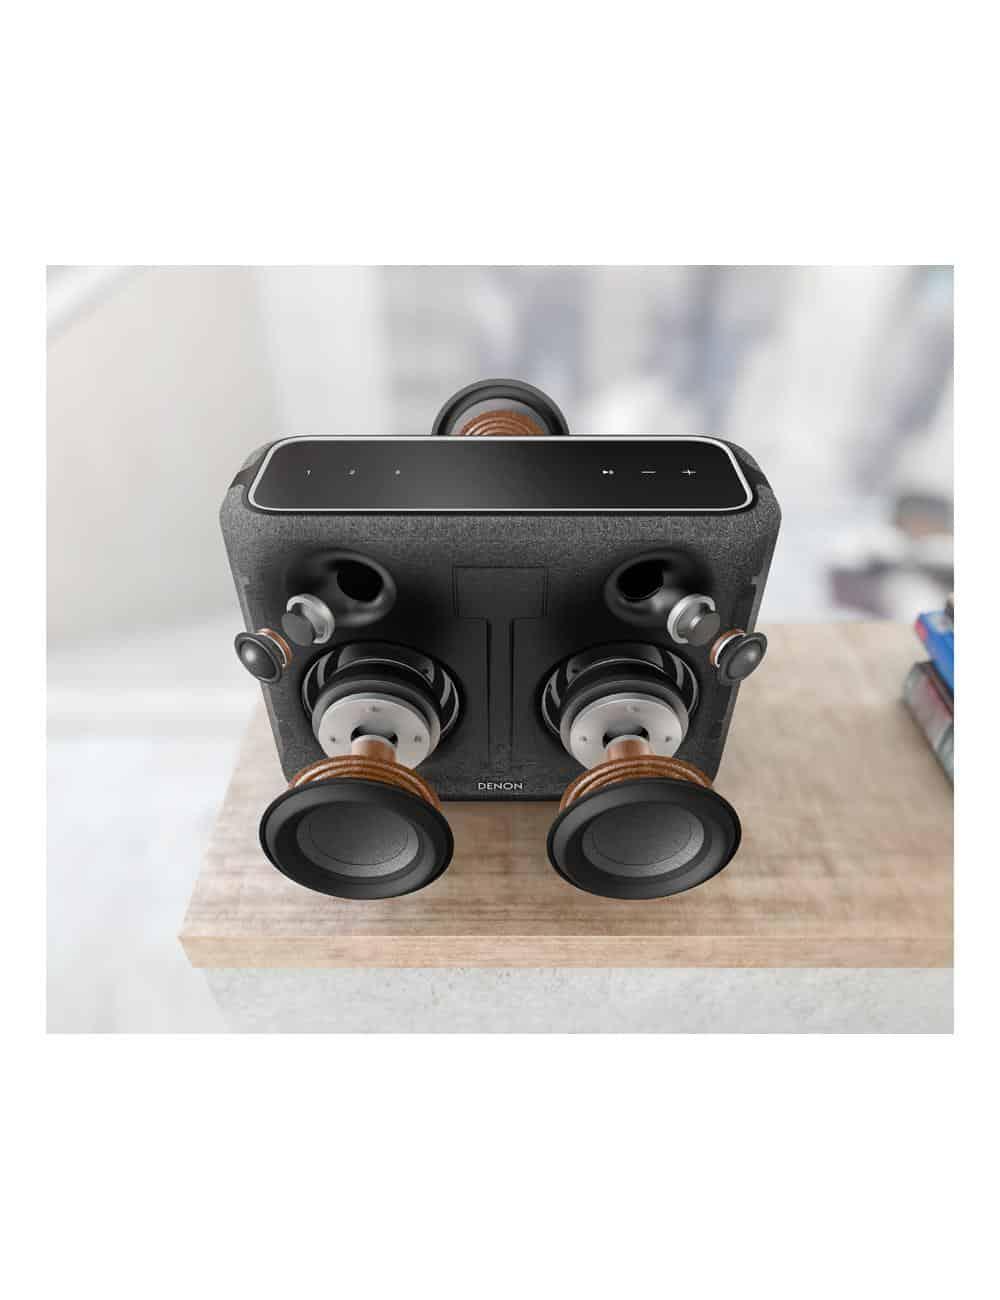 altoparlante wireless supercompatto, Denon Home 250, heos multiroom, bluetooth, finitura tessuto nero, esploso